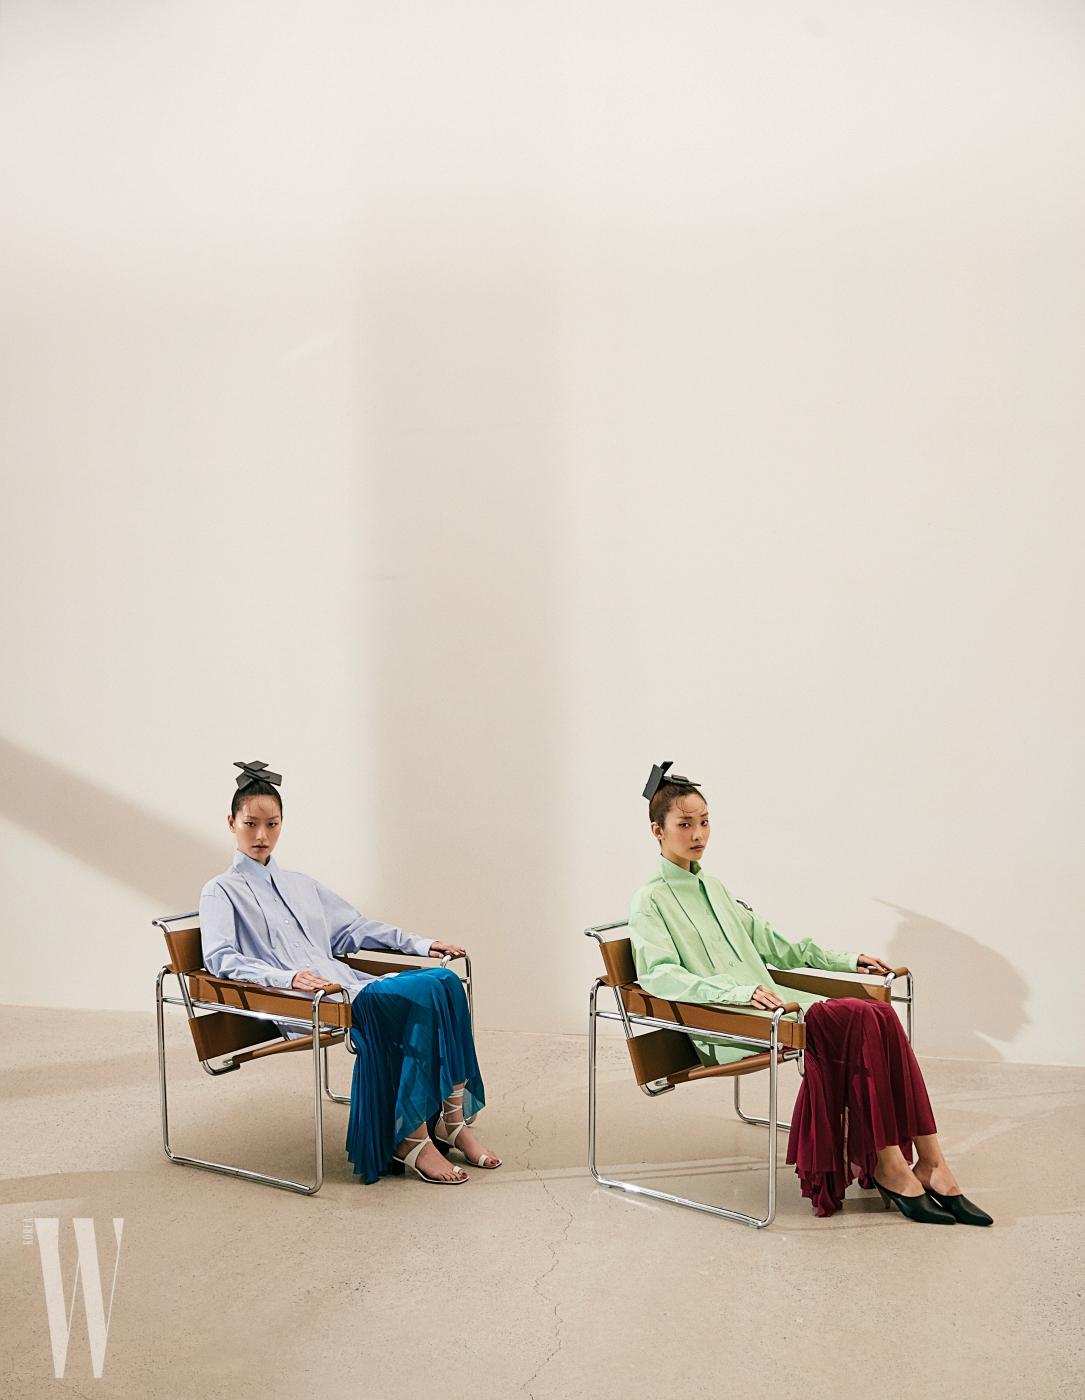 퐁리와 곽지영이 입은 기다란 셔츠 깃이 인상적인 컬러 블록 드레스, 화이트 샌들과 키튼힐 뮬은 모두 Celine 제품. 신조형주의 데스틸(De Stjil) 사조에서 영감을 받은 1925년 마르셀 브루어 (Marcel Breuer) 디자인의 Wassily Chair는 Knoll 제품.